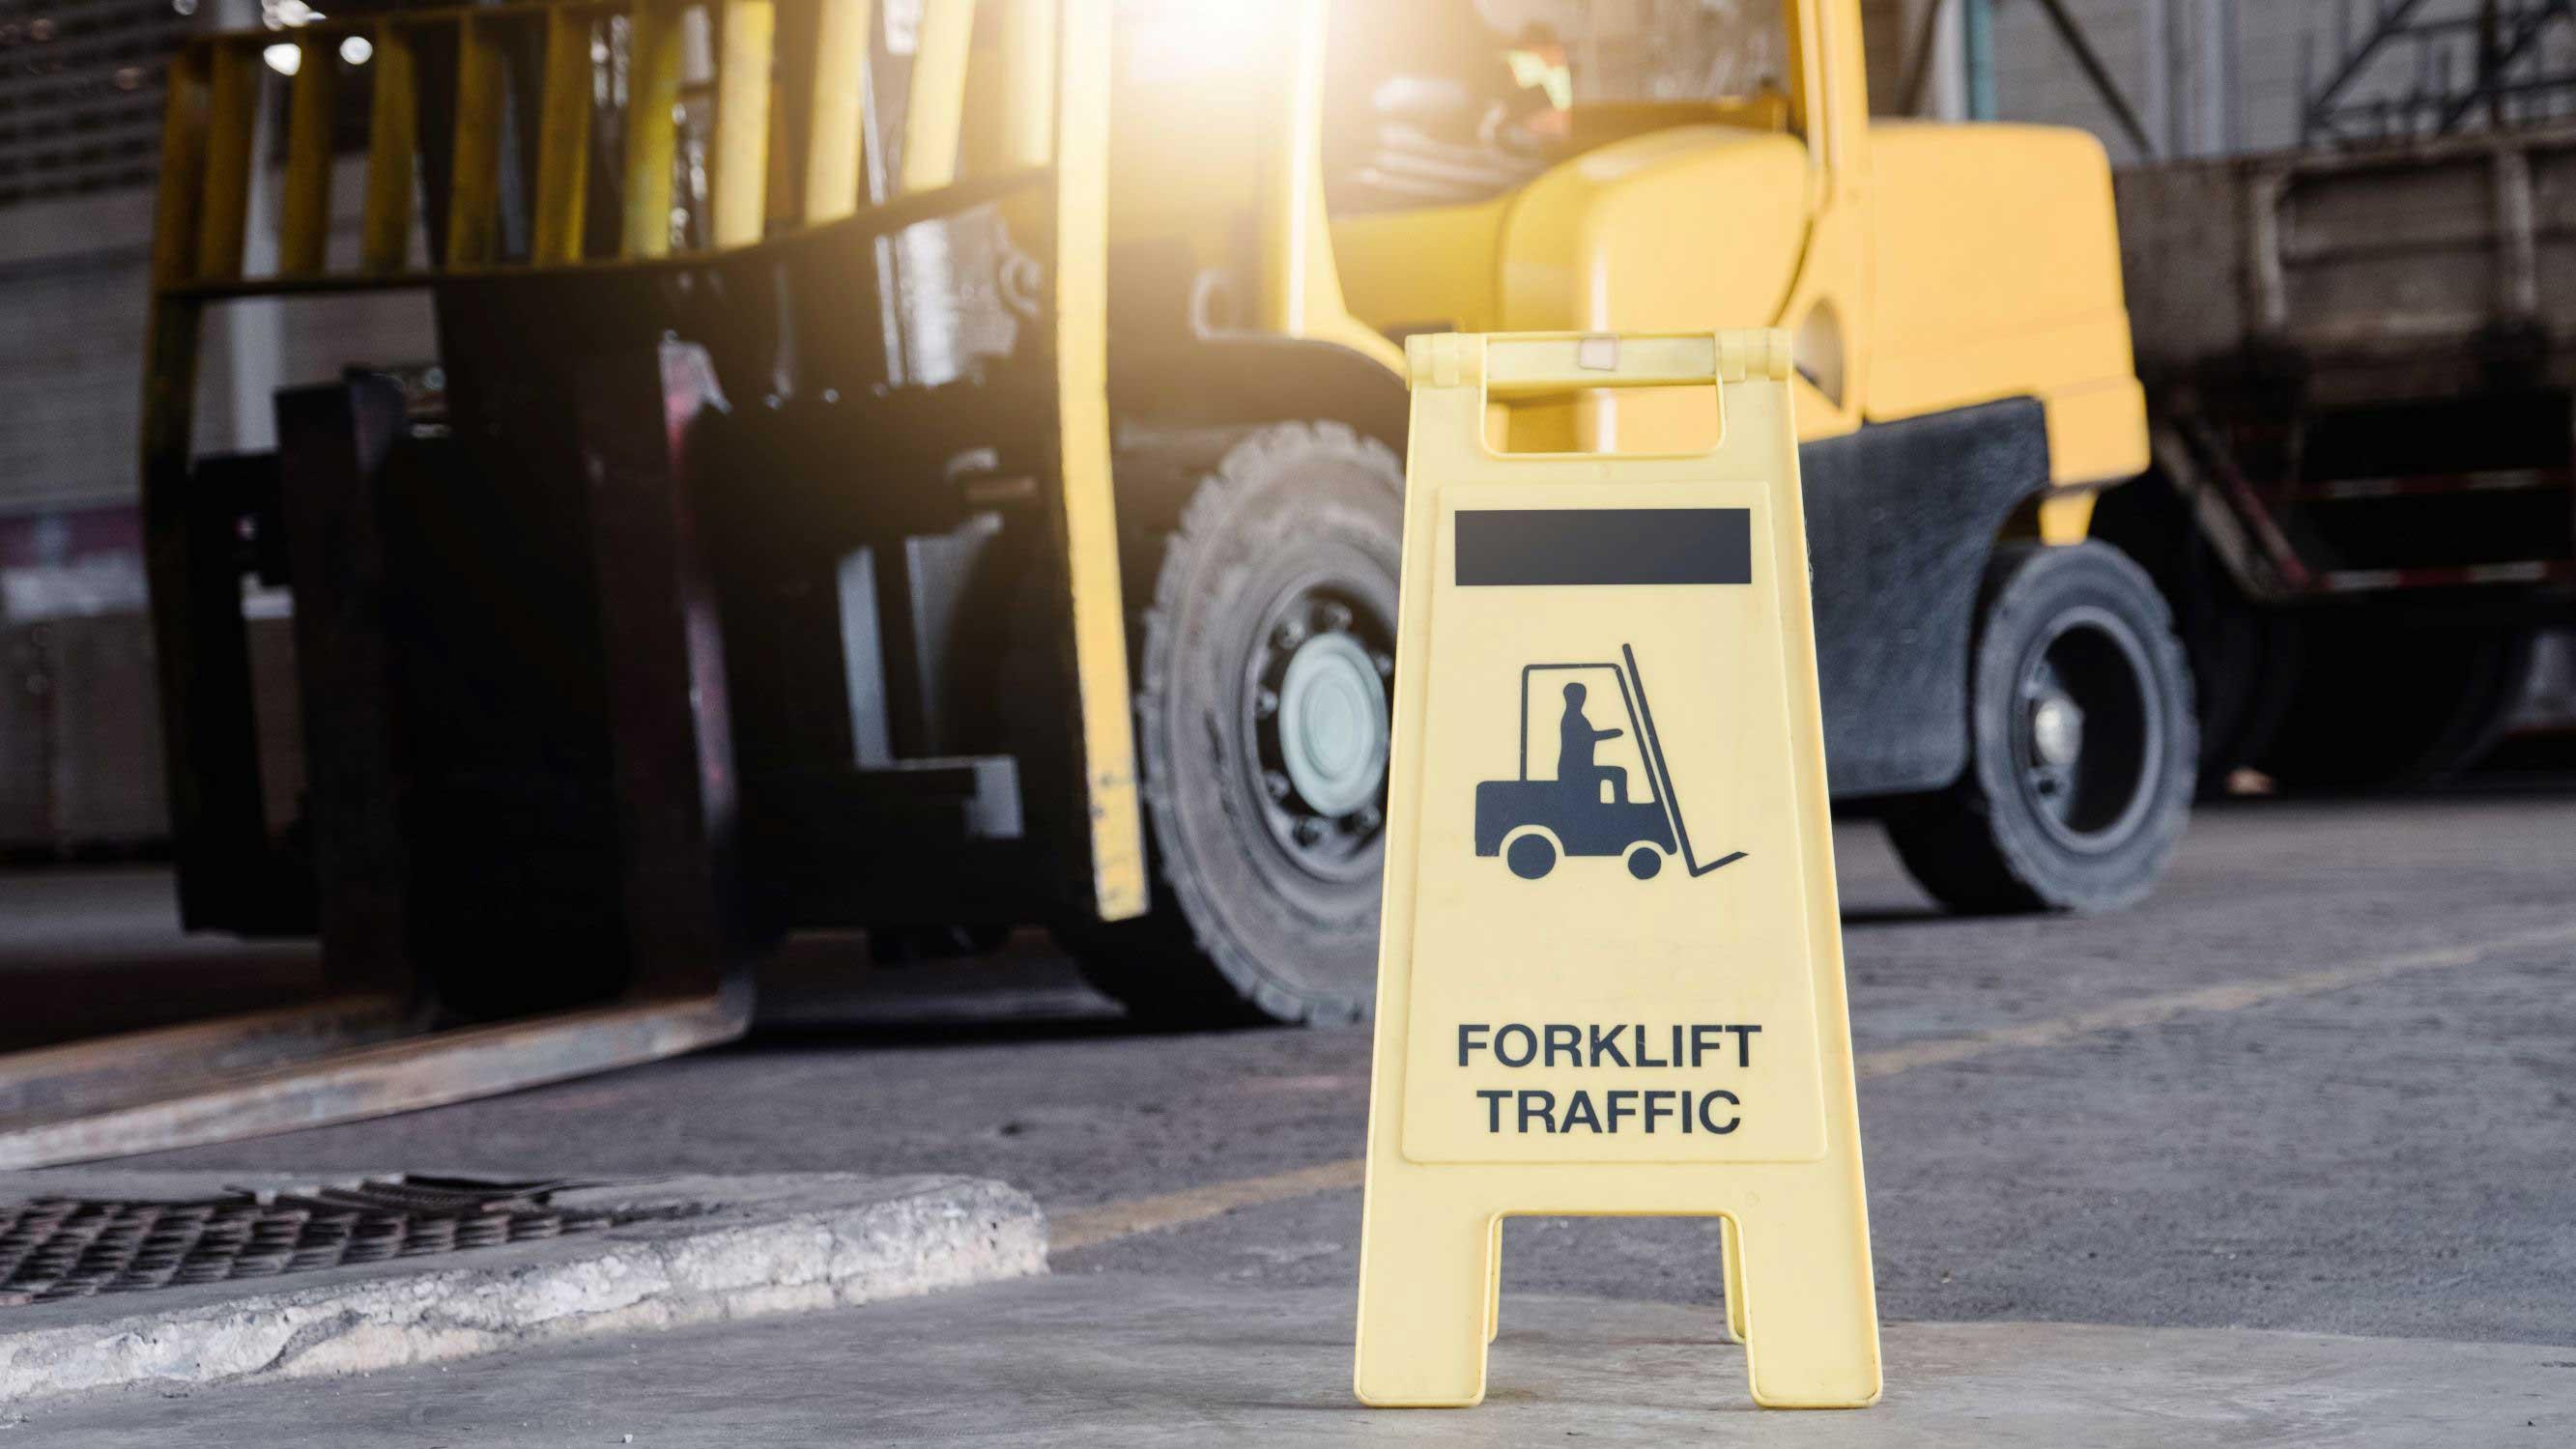 10 Ways to Prioritize Forklift Pedestrian Safety